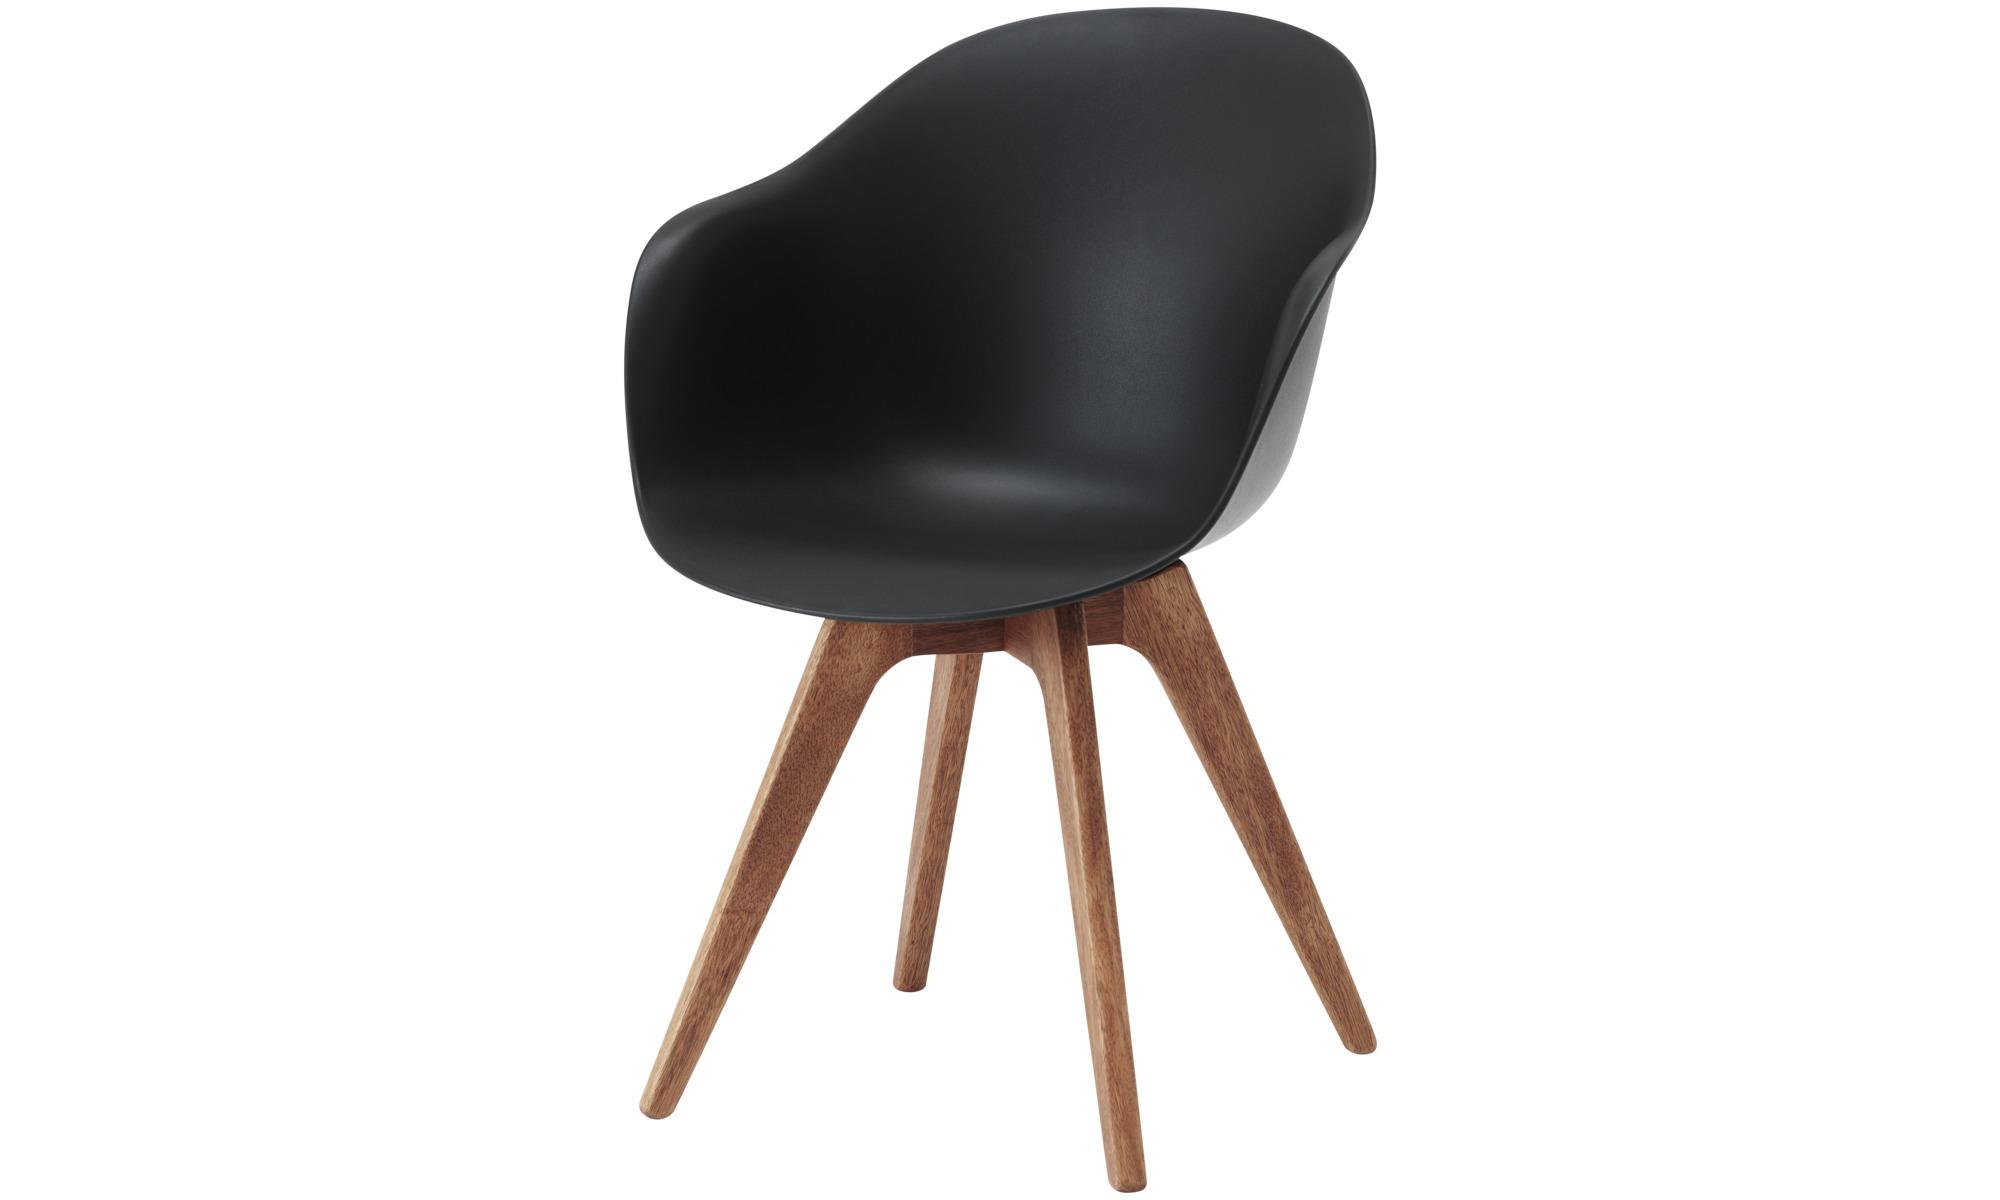 Usage Chaise Extérieur Intérieur Adelaidepour Chaises Et tQrCshdx